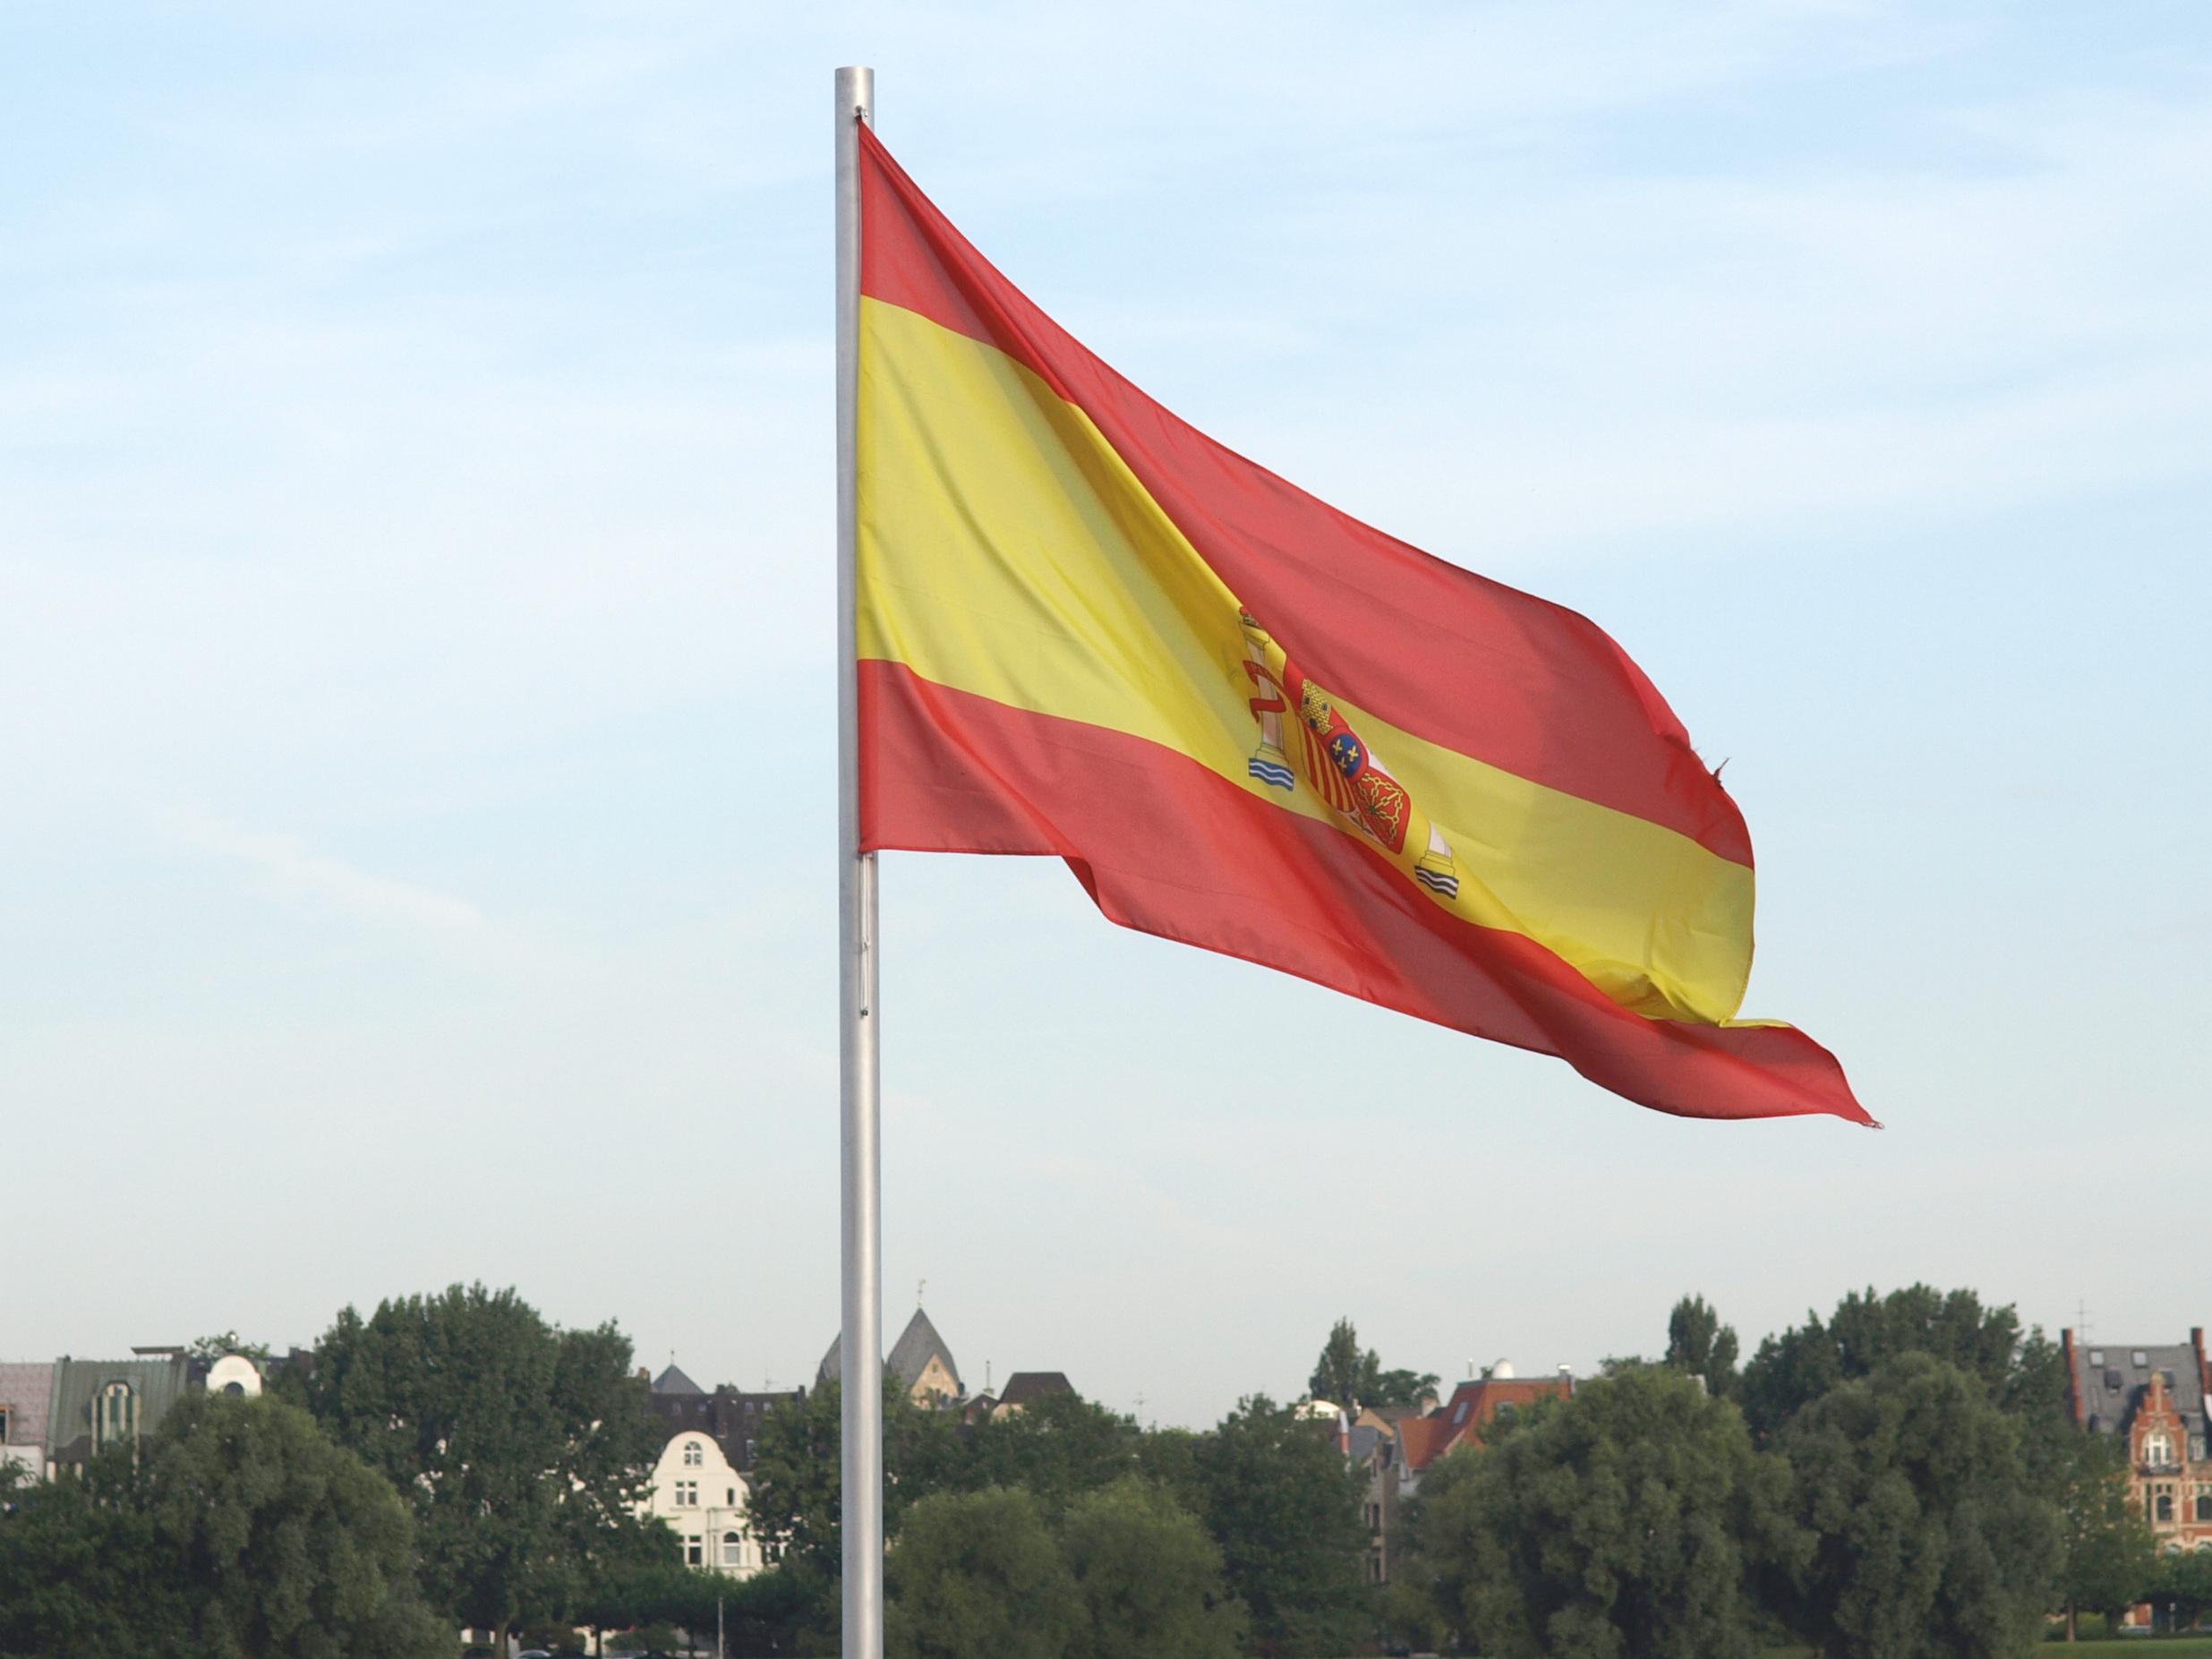 Spanien, som var neutralt under första världskriget, hade inte krigscensur och intresse av att dölja farsotens skadeverkningar.